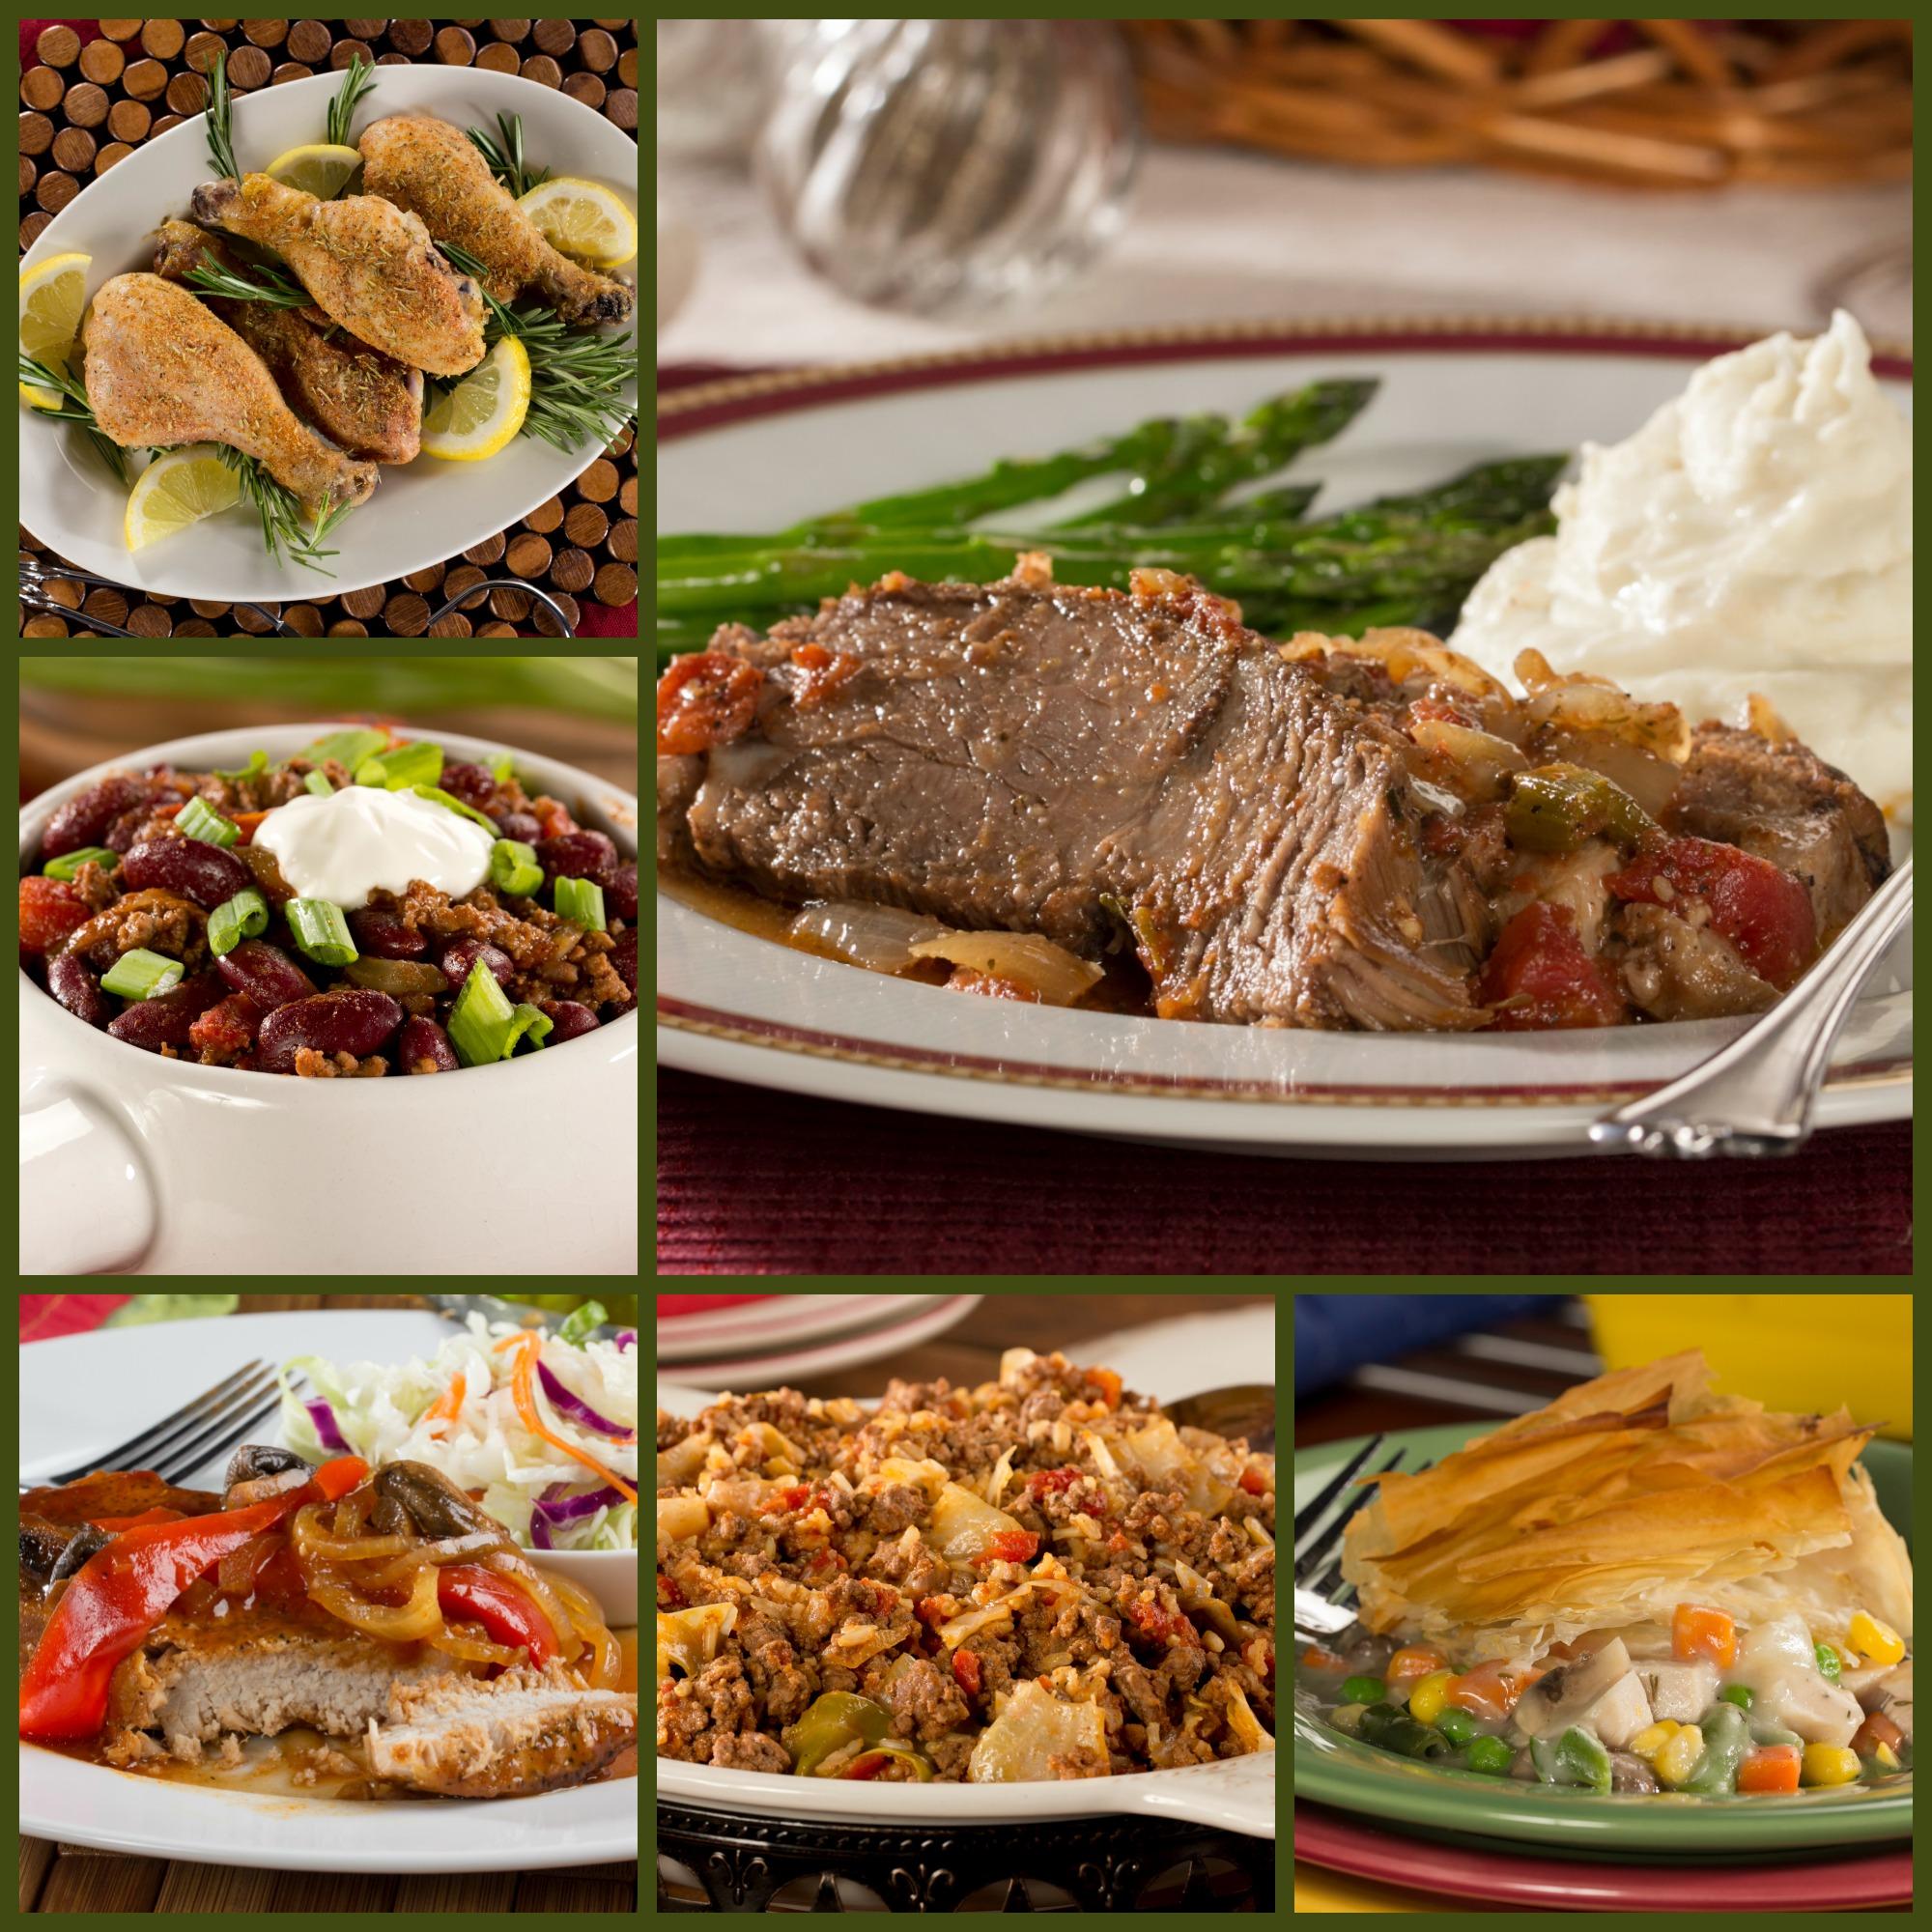 mf_blog_healthy-fall-recipes_main-dishes_10242016